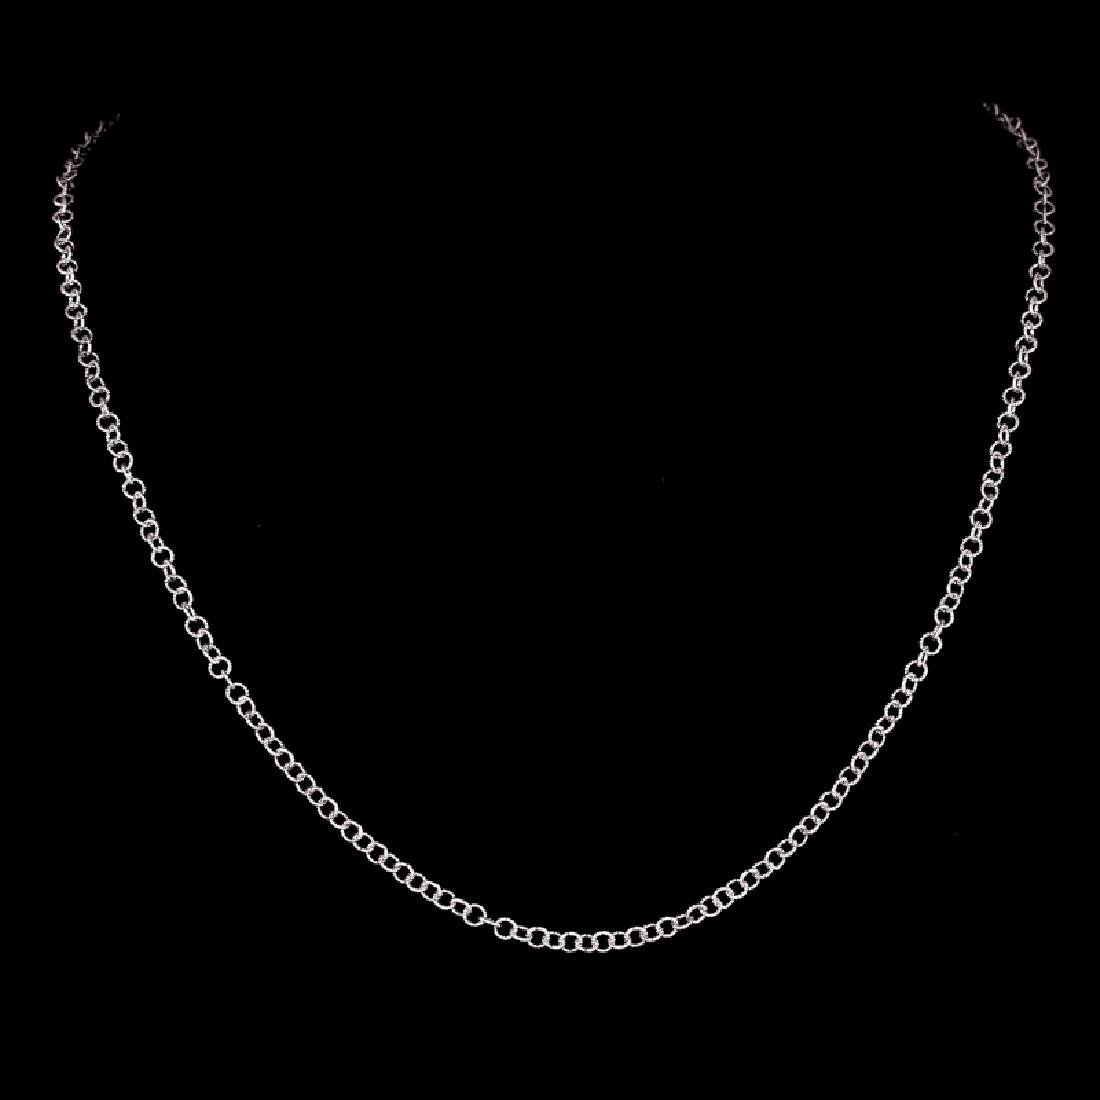 *Fine Jewelry 14KT White Gold, 4.5GR, 18'' Medium